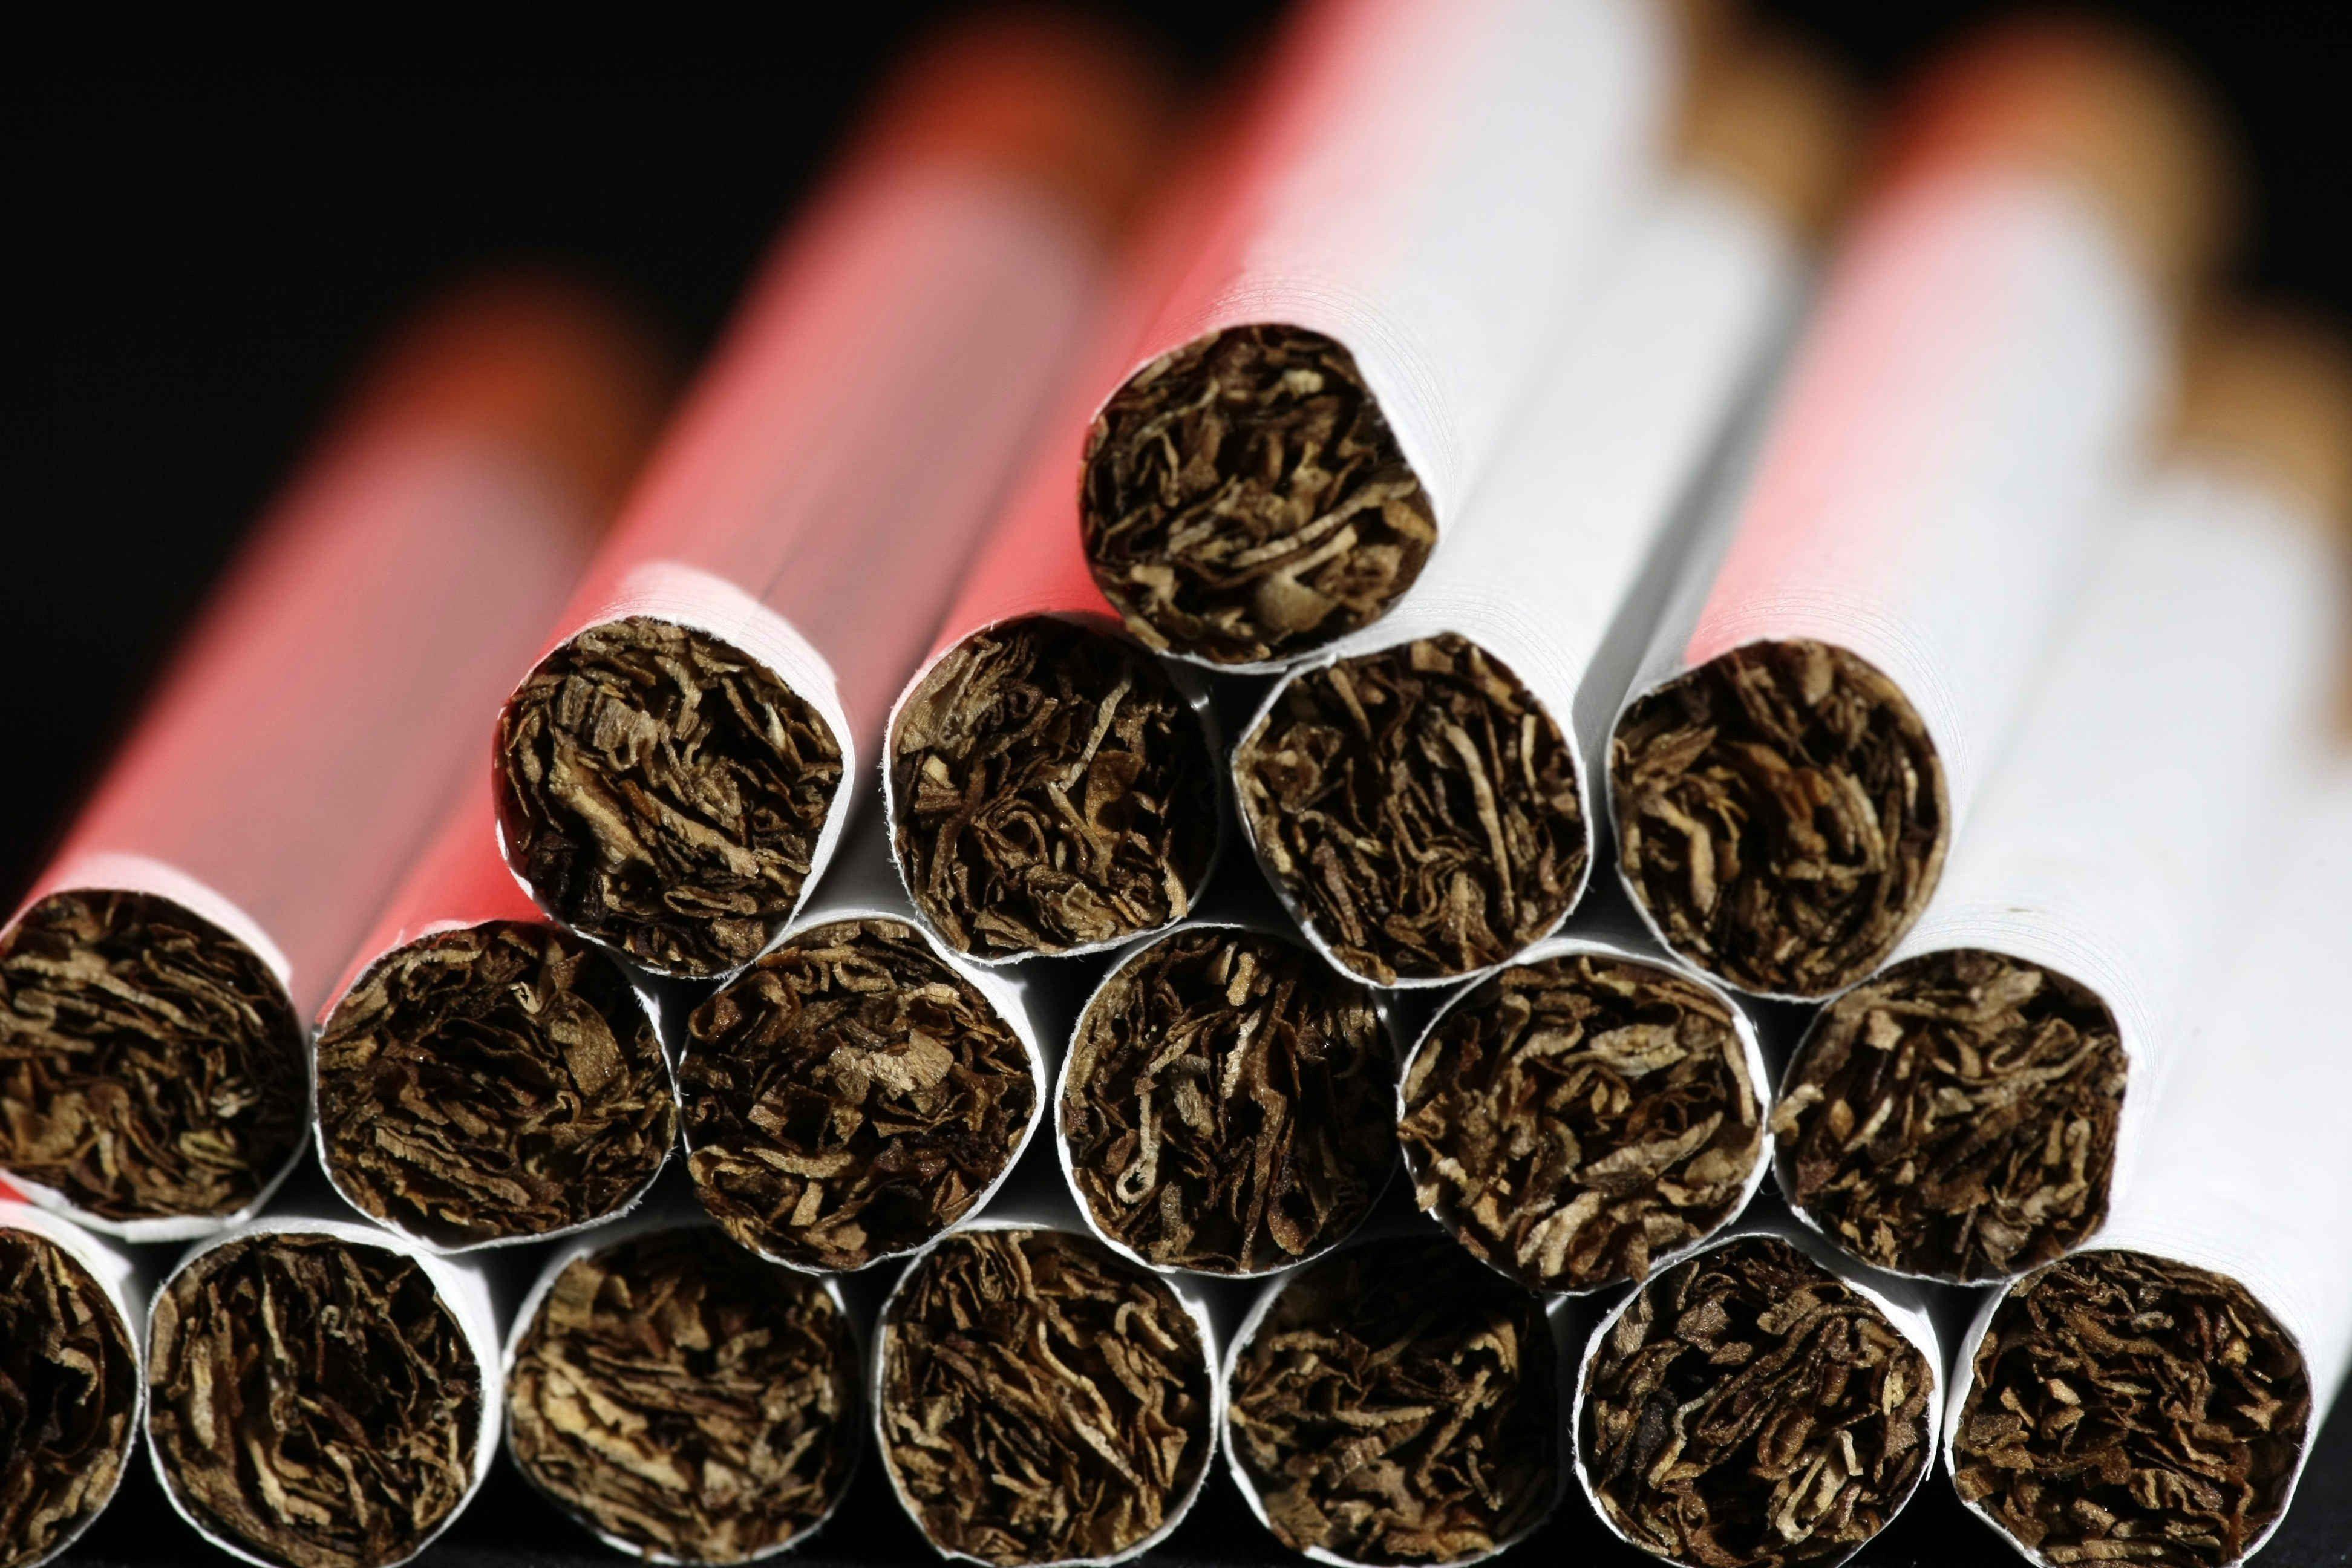 El estudio concluye que incrementar los impuestos de modo tal que suba un 50 % el precio de venta de los productos de tabaco limitaría el consumo y así se podrían evitar 300.000 muertes en Latinoamérica en el curso de diez años. EFE/Jeffrey Arguedas/Archivo